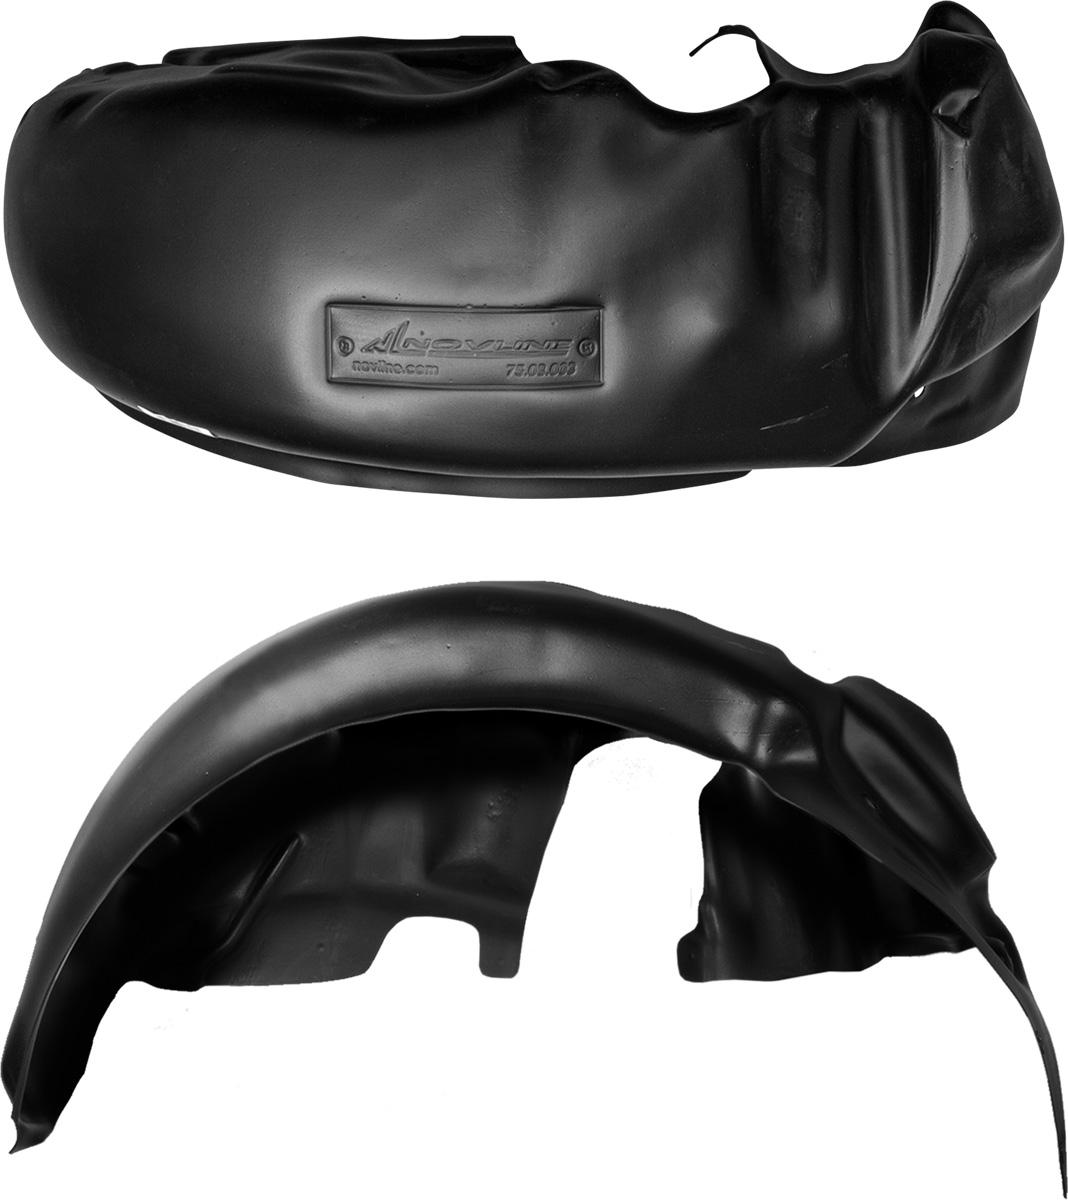 Подкрылки FORD Fusion 09/2002-2012 1 комплект, задниеCA-3505Колесные ниши – одни из самых уязвимых зон днища вашего автомобиля. Они постоянно подвергаются воздействию со стороны дороги. Лучшая, почти абсолютная защита для них - специально отформованные пластиковые кожухи, которые называются подкрылками, или локерами. Производятся они как для отечественных моделей автомобилей, так и для иномарок. Подкрылки выполнены из высококачественного, экологически чистого пластика. Обеспечивают надежную защиту кузова автомобиля от пескоструйного эффекта и негативного влияния, агрессивных антигололедных реагентов. Пластик обладает более низкой теплопроводностью, чем металл, поэтому в зимний период эксплуатации использование пластиковых подкрылков позволяет лучше защитить колесные ниши от налипания снега и образования наледи. Оригинальность конструкции подчеркивает элегантность автомобиля, бережно защищает нанесенное на днище кузова антикоррозийное покрытие и позволяет осуществить крепление подкрылков внутри колесной арки практически без дополнительного крепежа и сверления, не нарушая при этом лакокрасочного покрытия, что предотвращает возникновение новых очагов коррозии. Технология крепления подкрылков на иномарки принципиально отличается от крепления на российские автомобили и разрабатывается индивидуально для каждой модели автомобиля. Подкрылки долговечны, обладают высокой прочностью и сохраняют заданную форму, а также все свои физико-механические характеристики в самых тяжелых климатических условиях ( от -50° С до + 50° С).